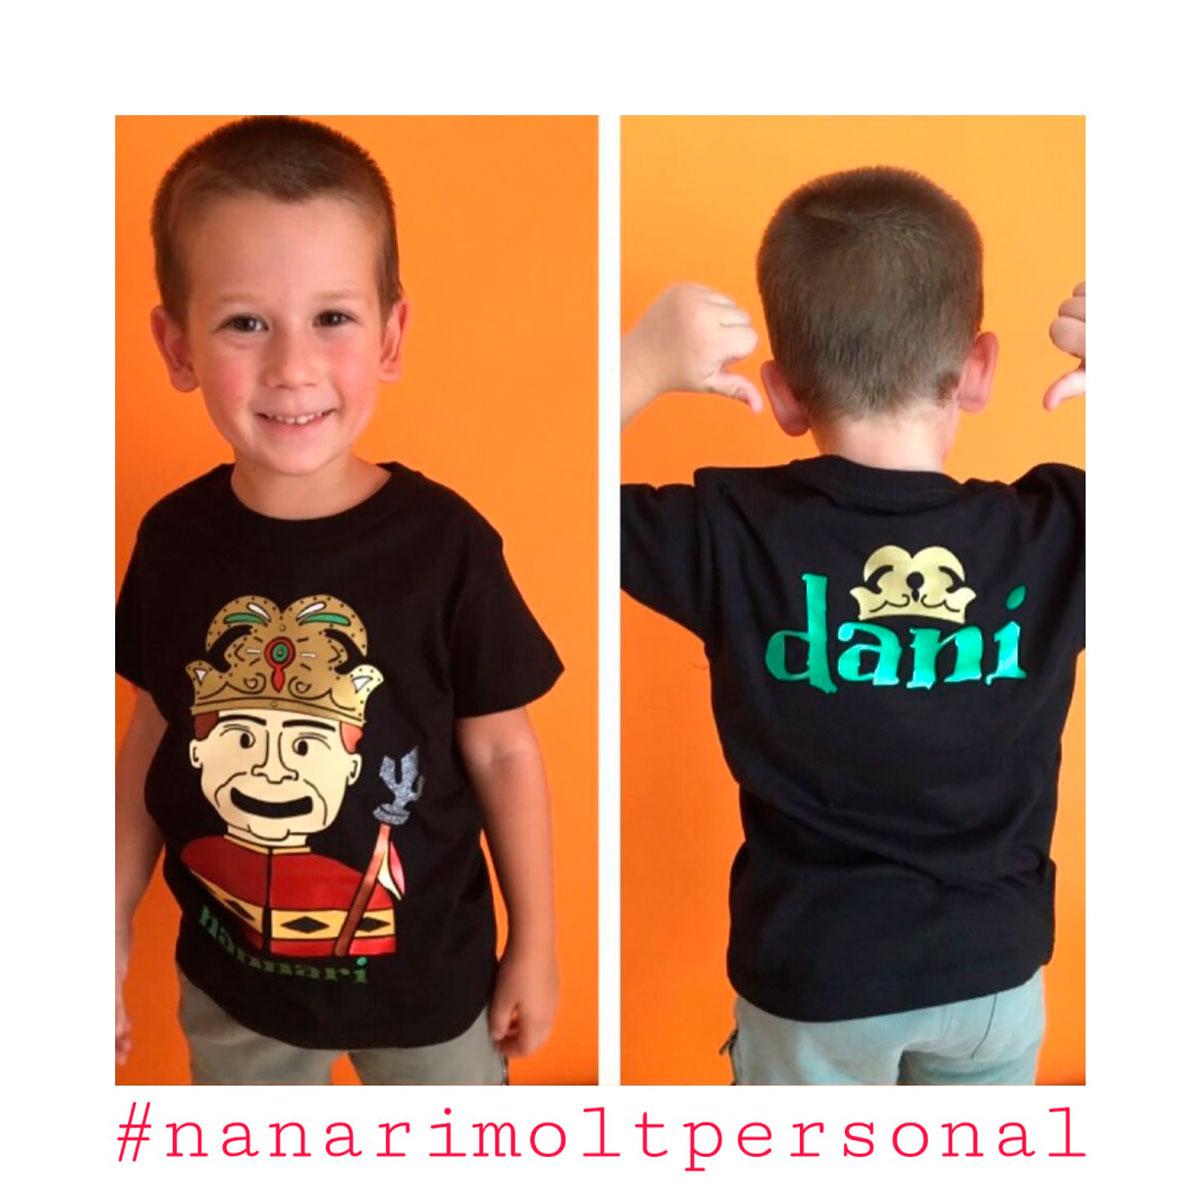 En Daniel i el Nannari